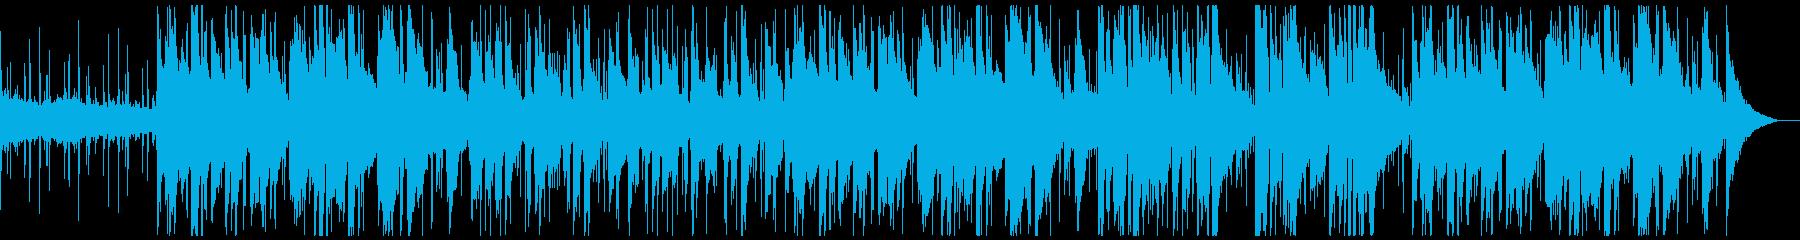 ピアノとアコースティックギターがメ...の再生済みの波形